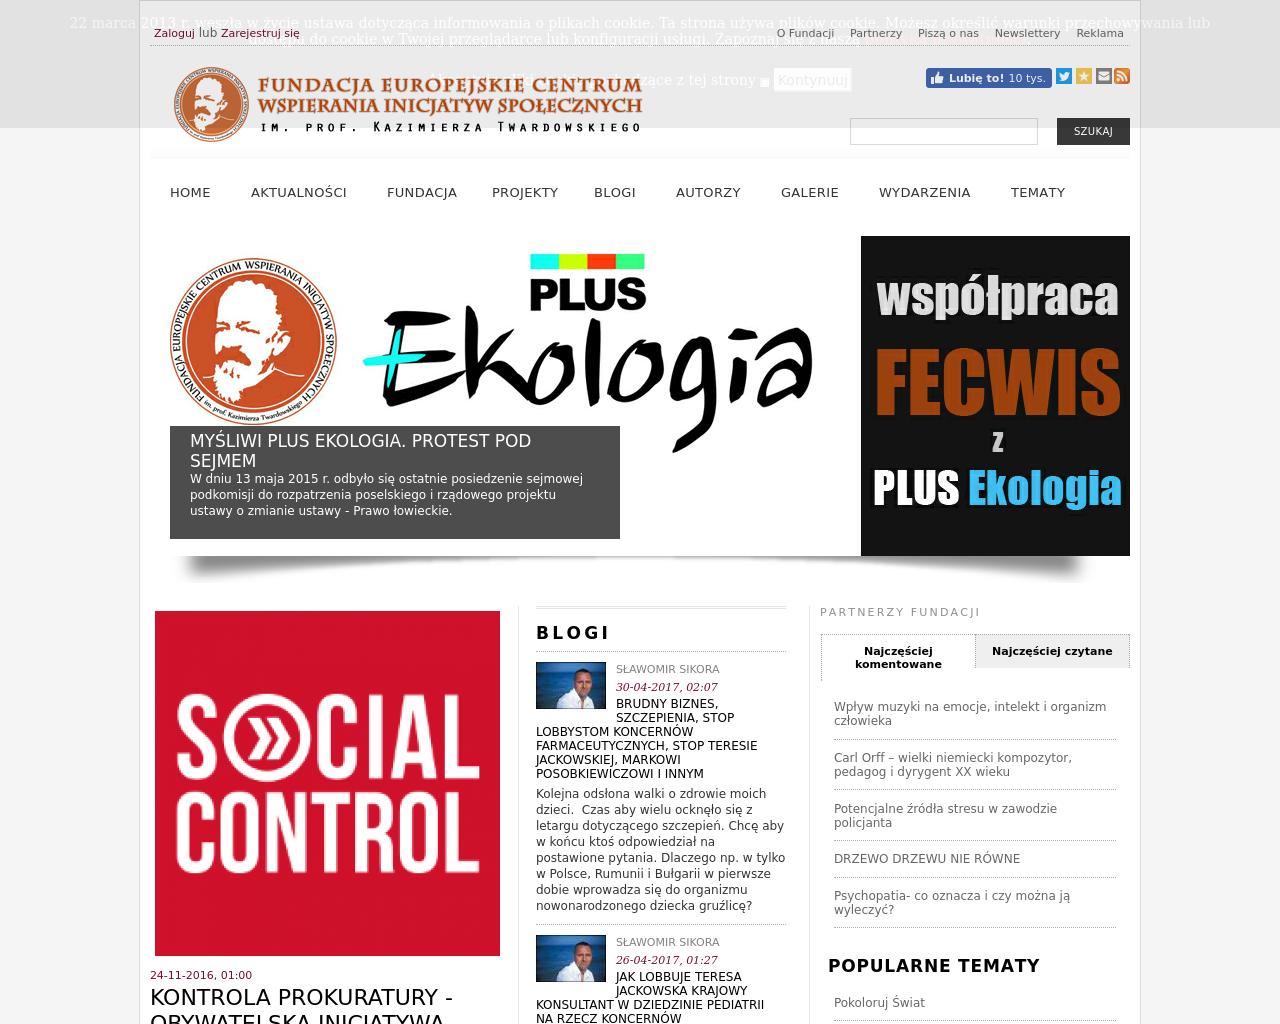 Fundacja-Europejskie-Centrum-Wspierania-Inicjatyw-Społecznych-Advertising-Reviews-Pricing